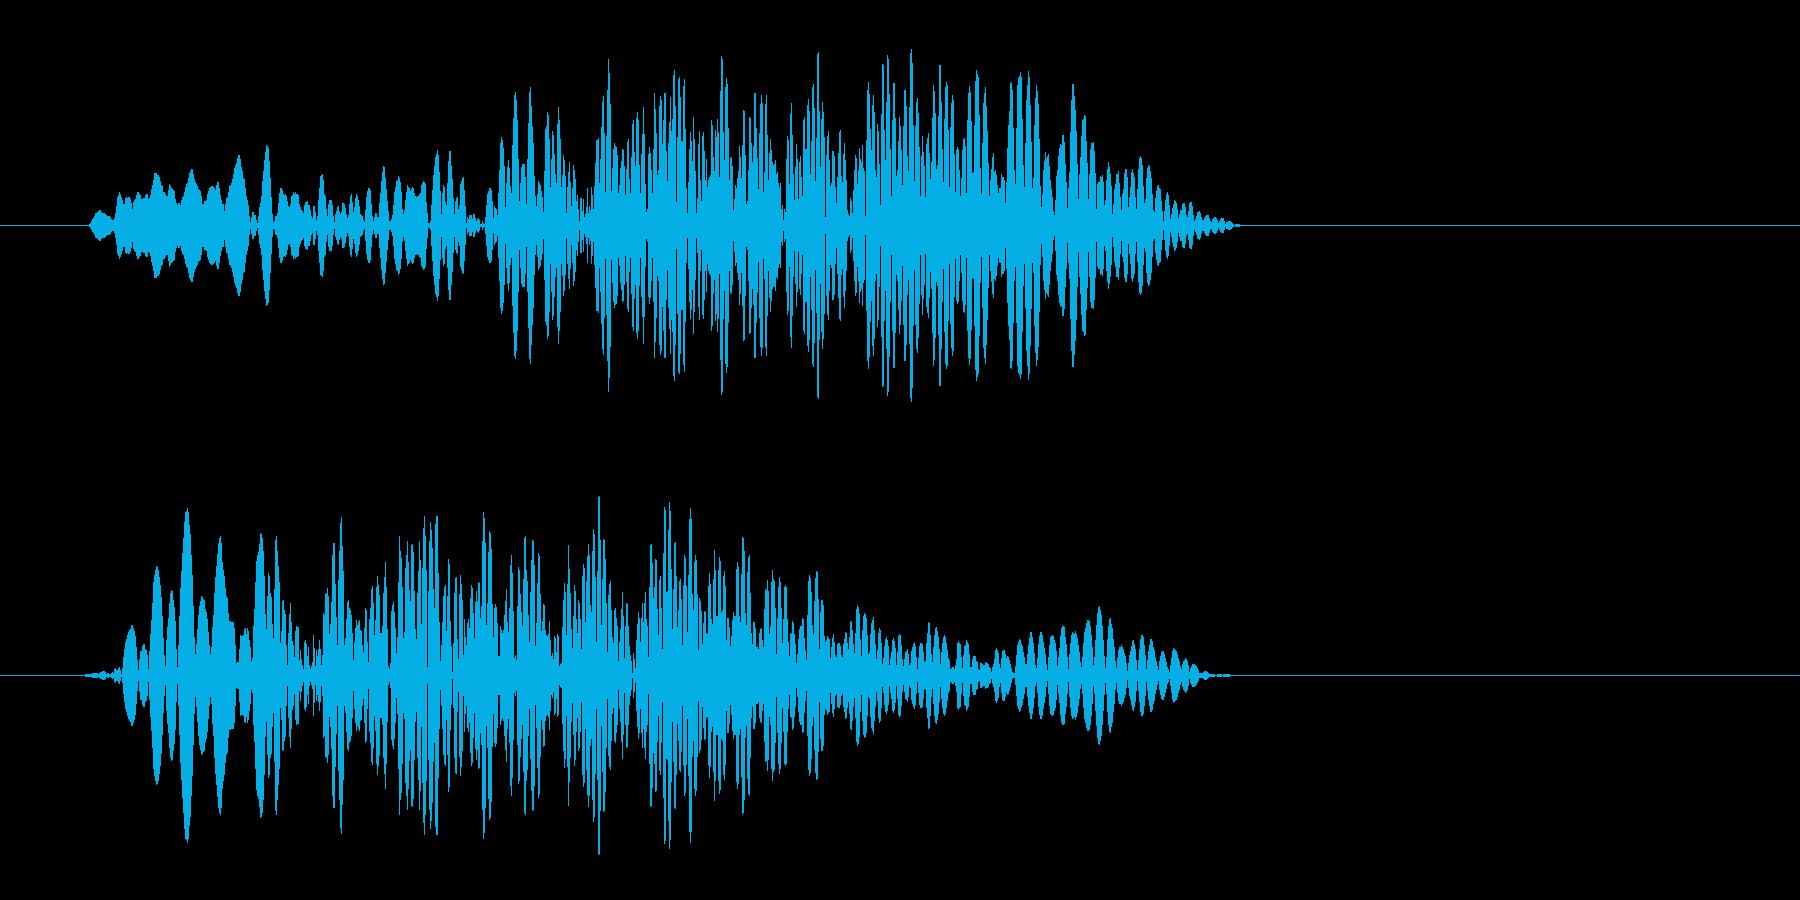 キュッ、潰れたような、押されたような音の再生済みの波形